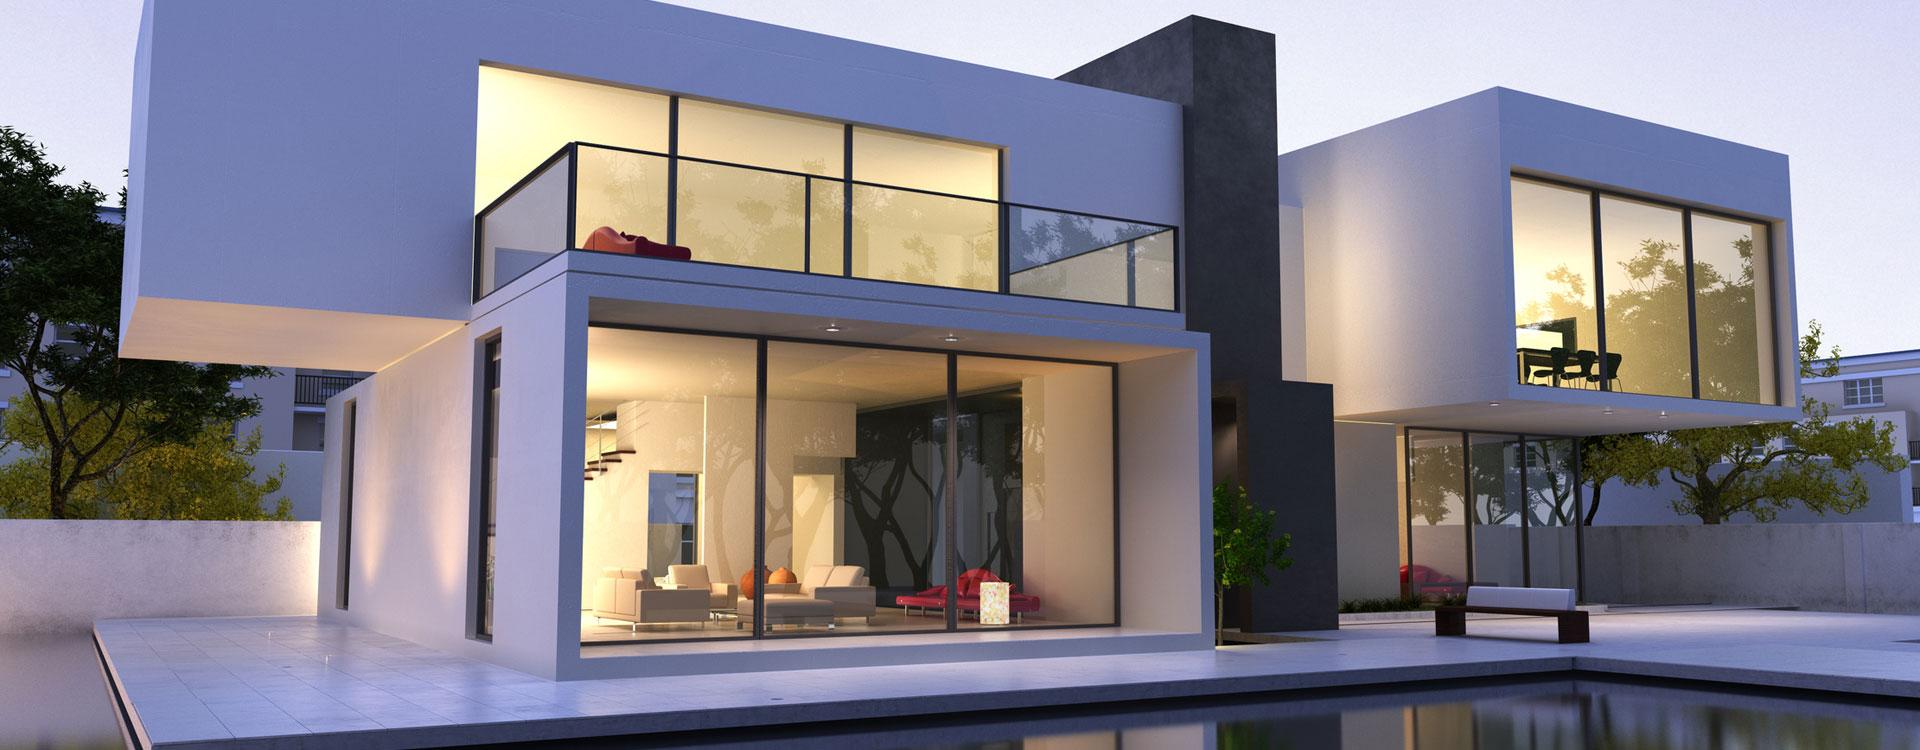 mc menuiseries menuisier certifi profils syst mes sur bordeaux et la gironde. Black Bedroom Furniture Sets. Home Design Ideas